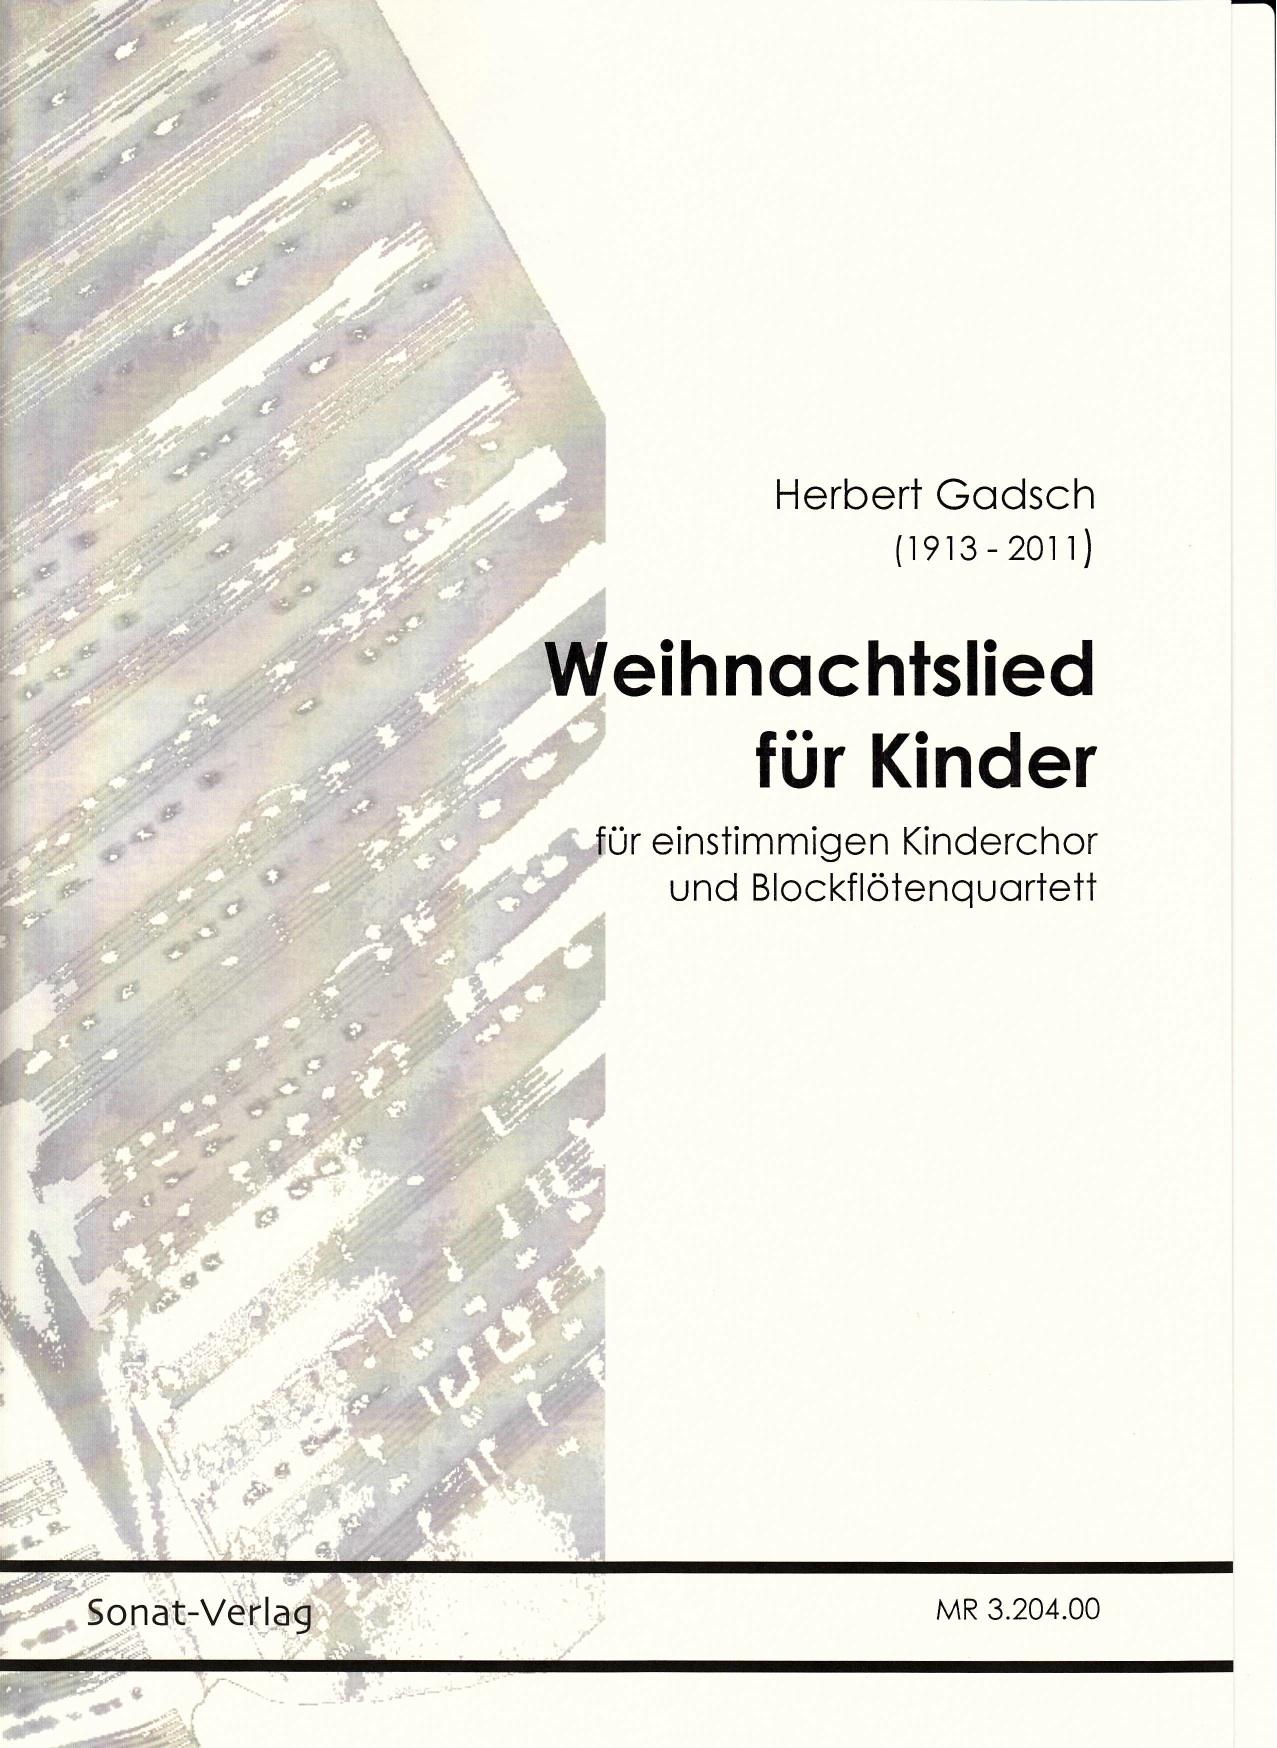 Weihnachtslied für Kinder - Edition Sonat-Verlag